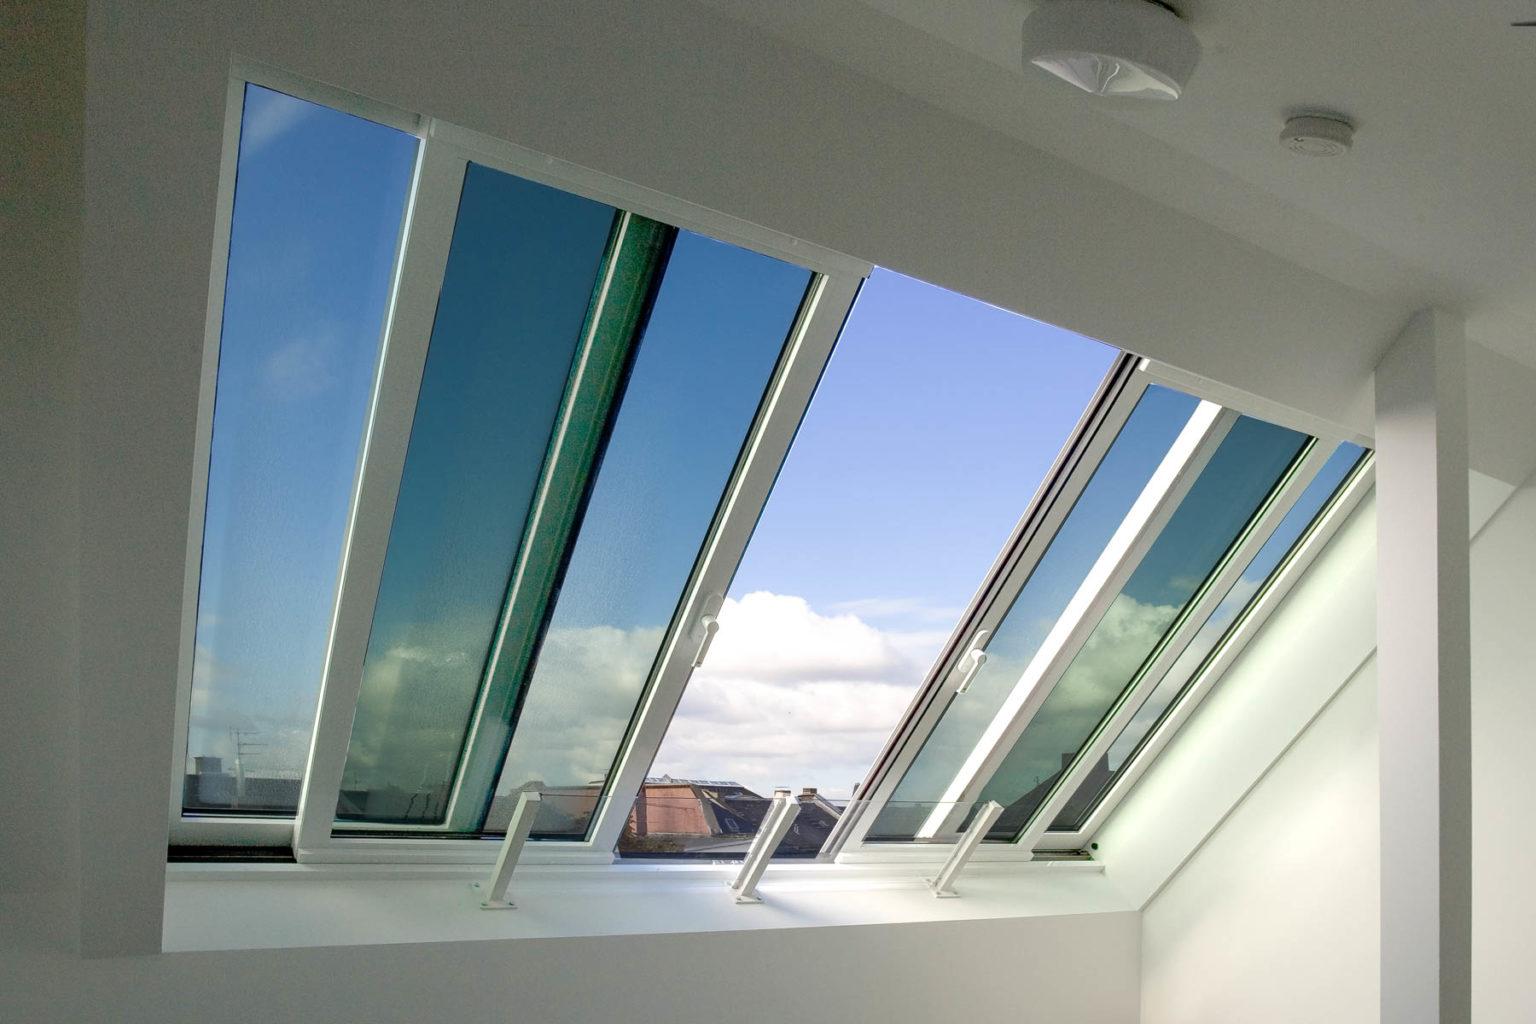 Panorama Dachfenster in Heusenstamm (Objekt 984). Das Panoramafenster AL ist mit zwei und vier Fensterflügeln erhältlich. Bei der großen Variante werden die zwei mittleren  Glaselemente unter die äußeren, fest montierten Flügel geschoben.